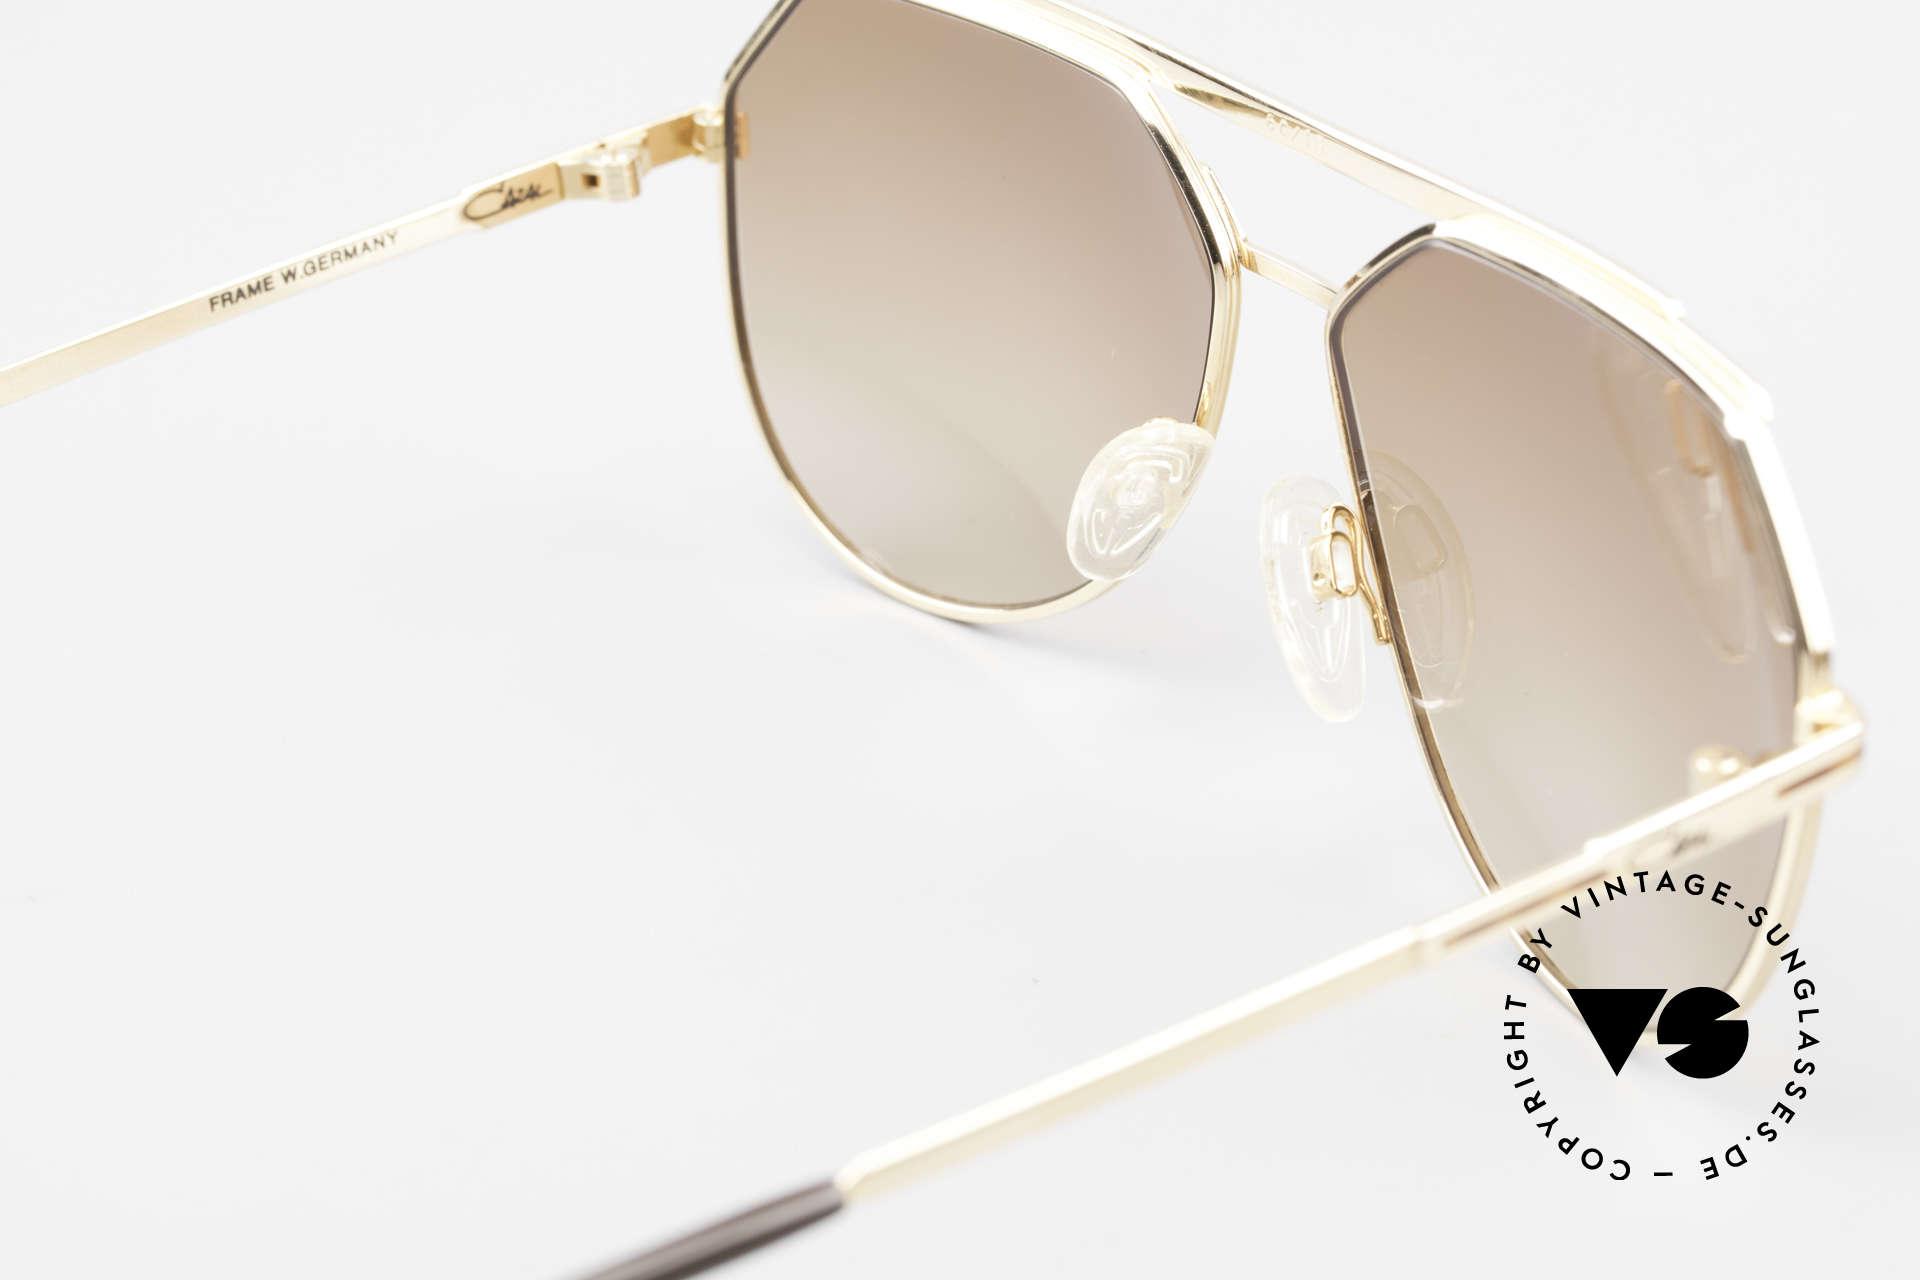 Cazal 733 80's Men's Aviator Sunglasses, brown-gradient sun lenses (for 100% UV protection), Made for Men